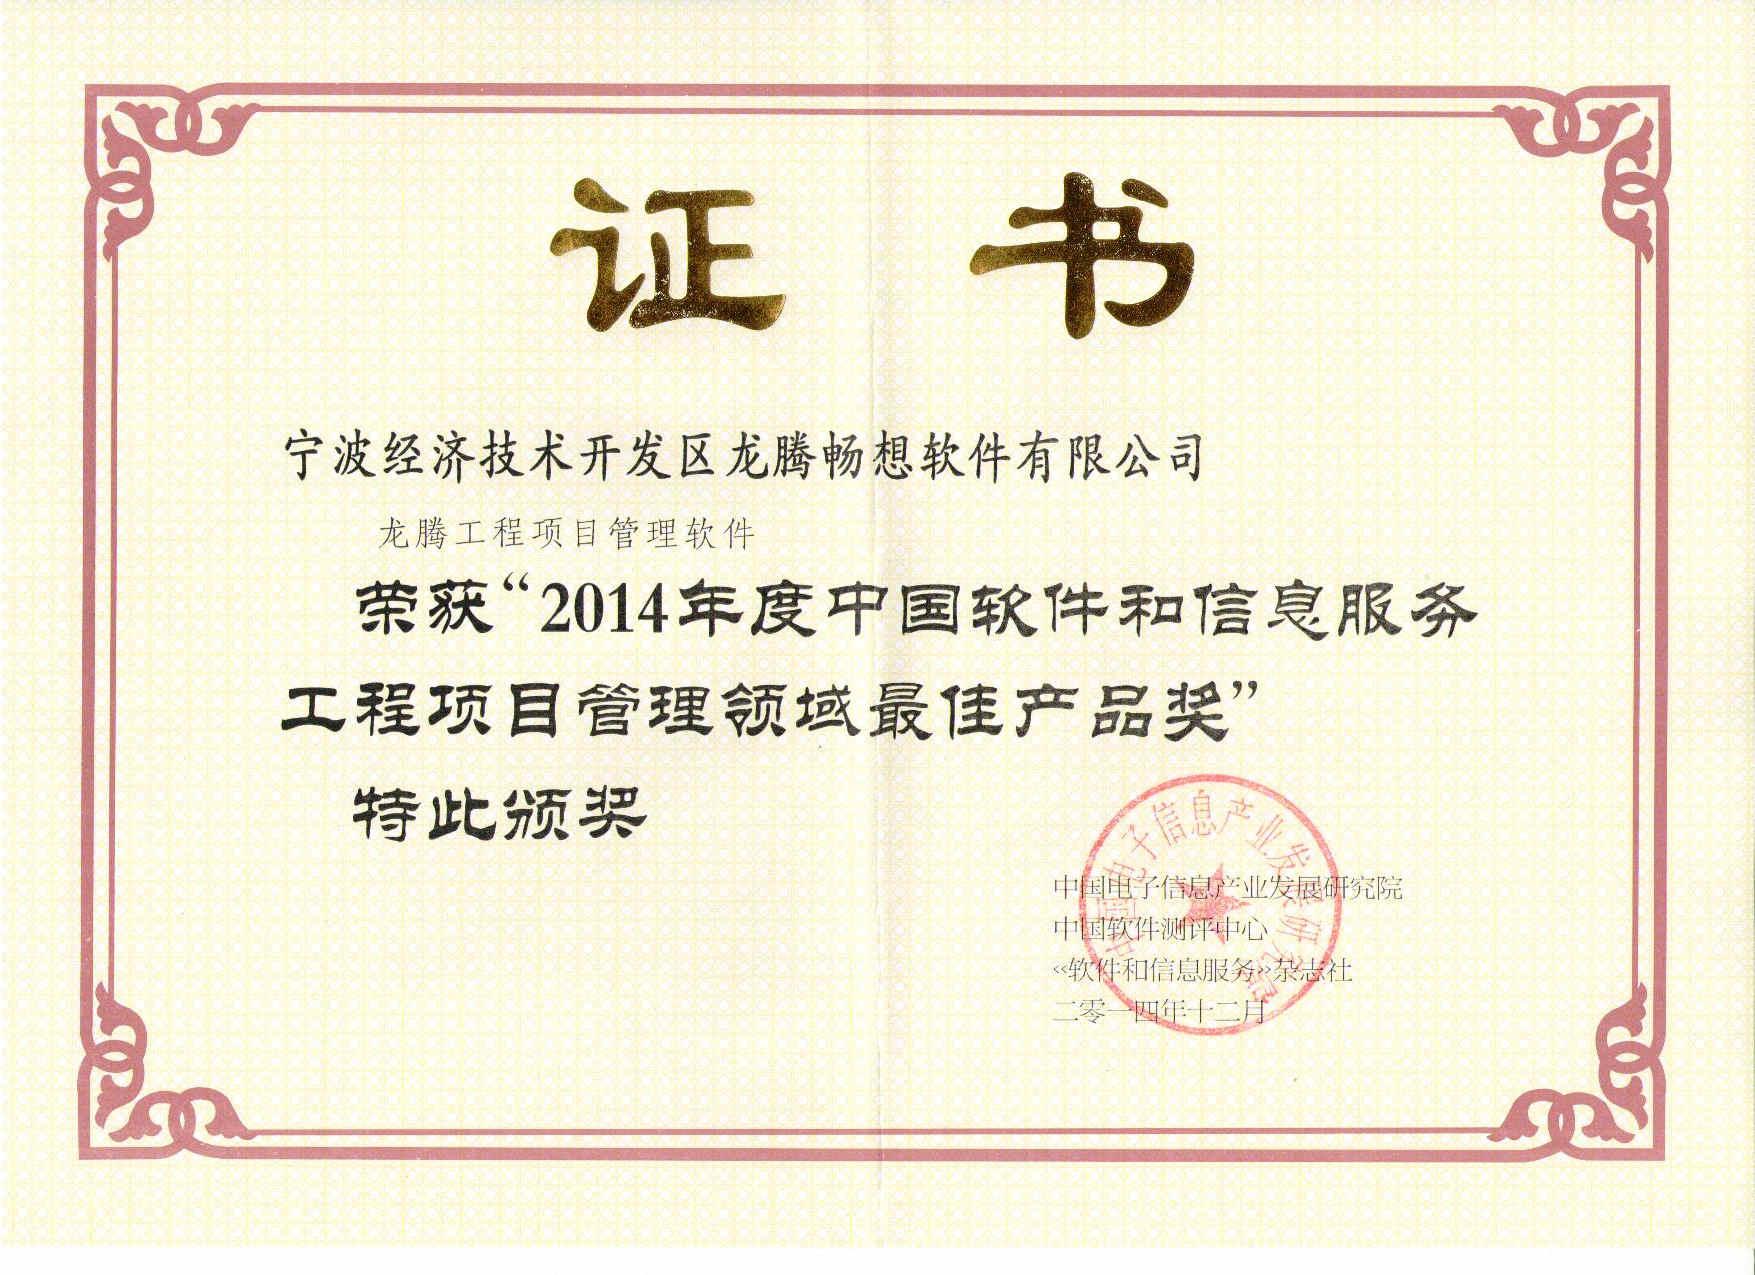 """龙腾工程项目管理软件亮相""""2014年中国软件大会"""""""